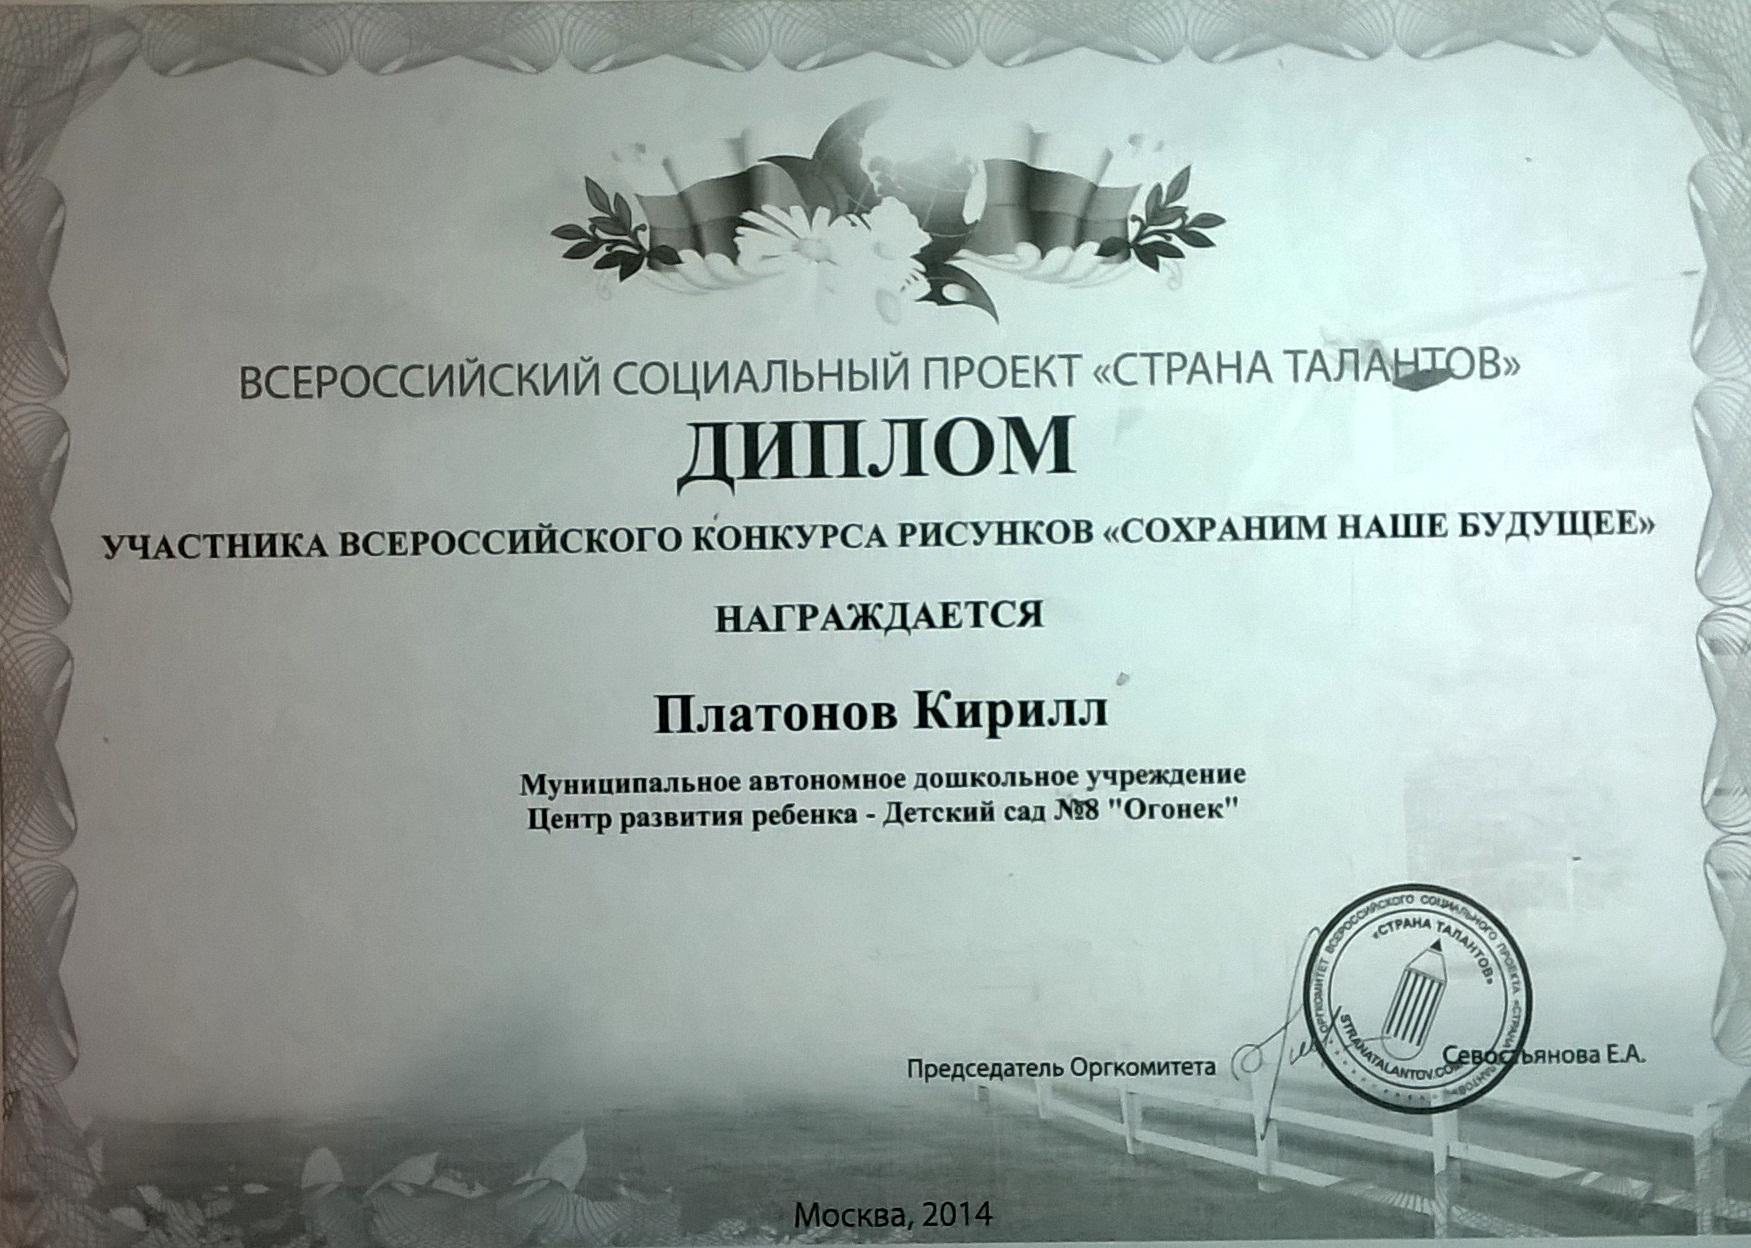 Страна талантов всероссийский конкурс сохраним наше будущее